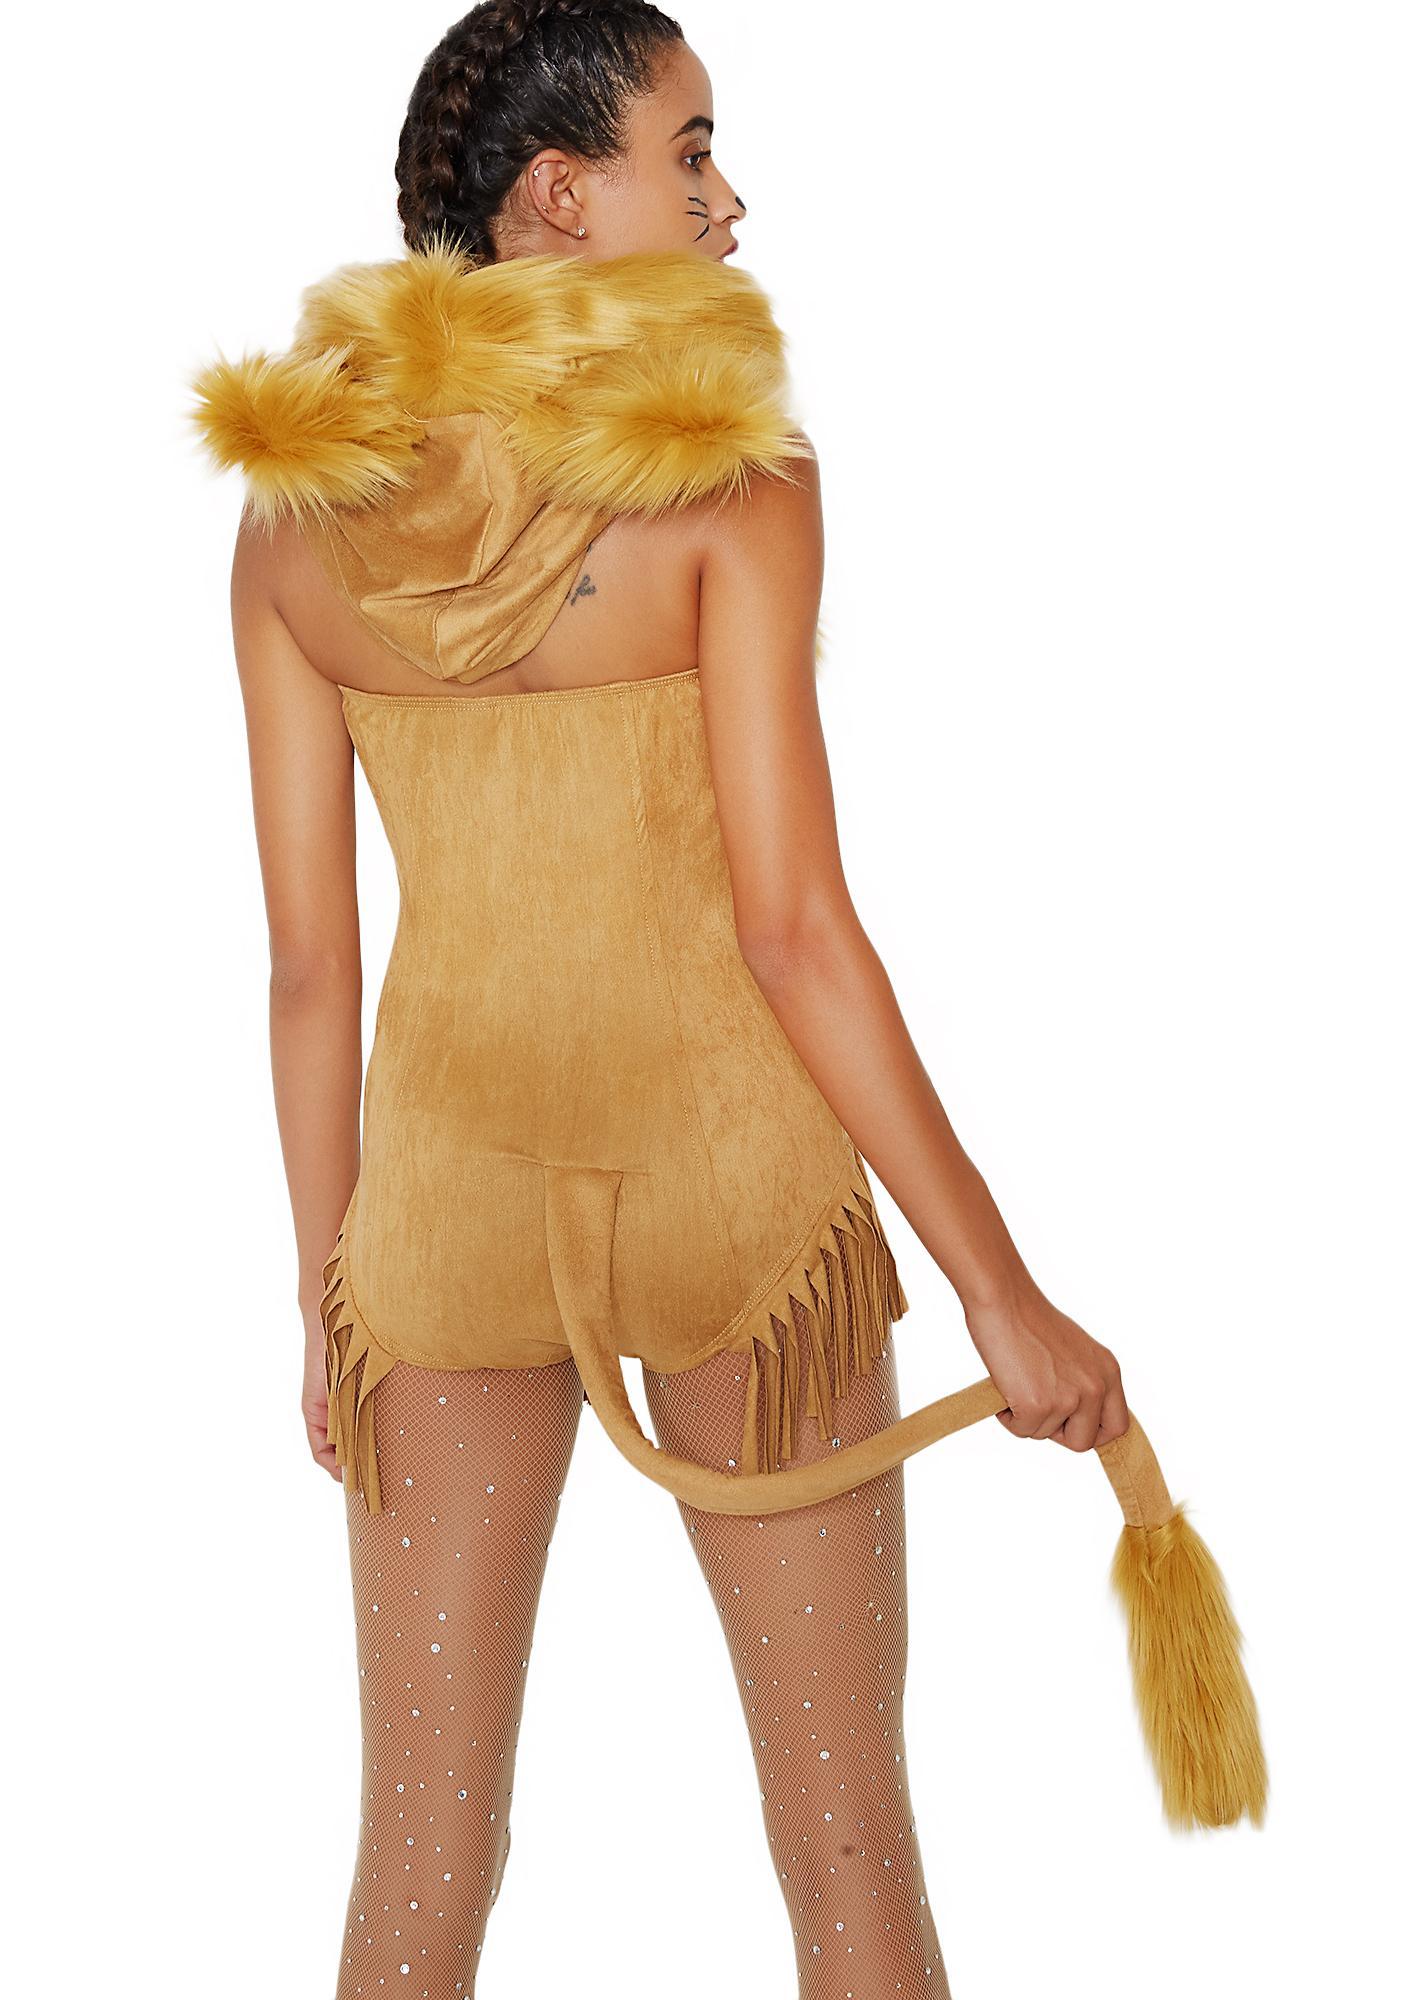 Ferocious Lion Costume